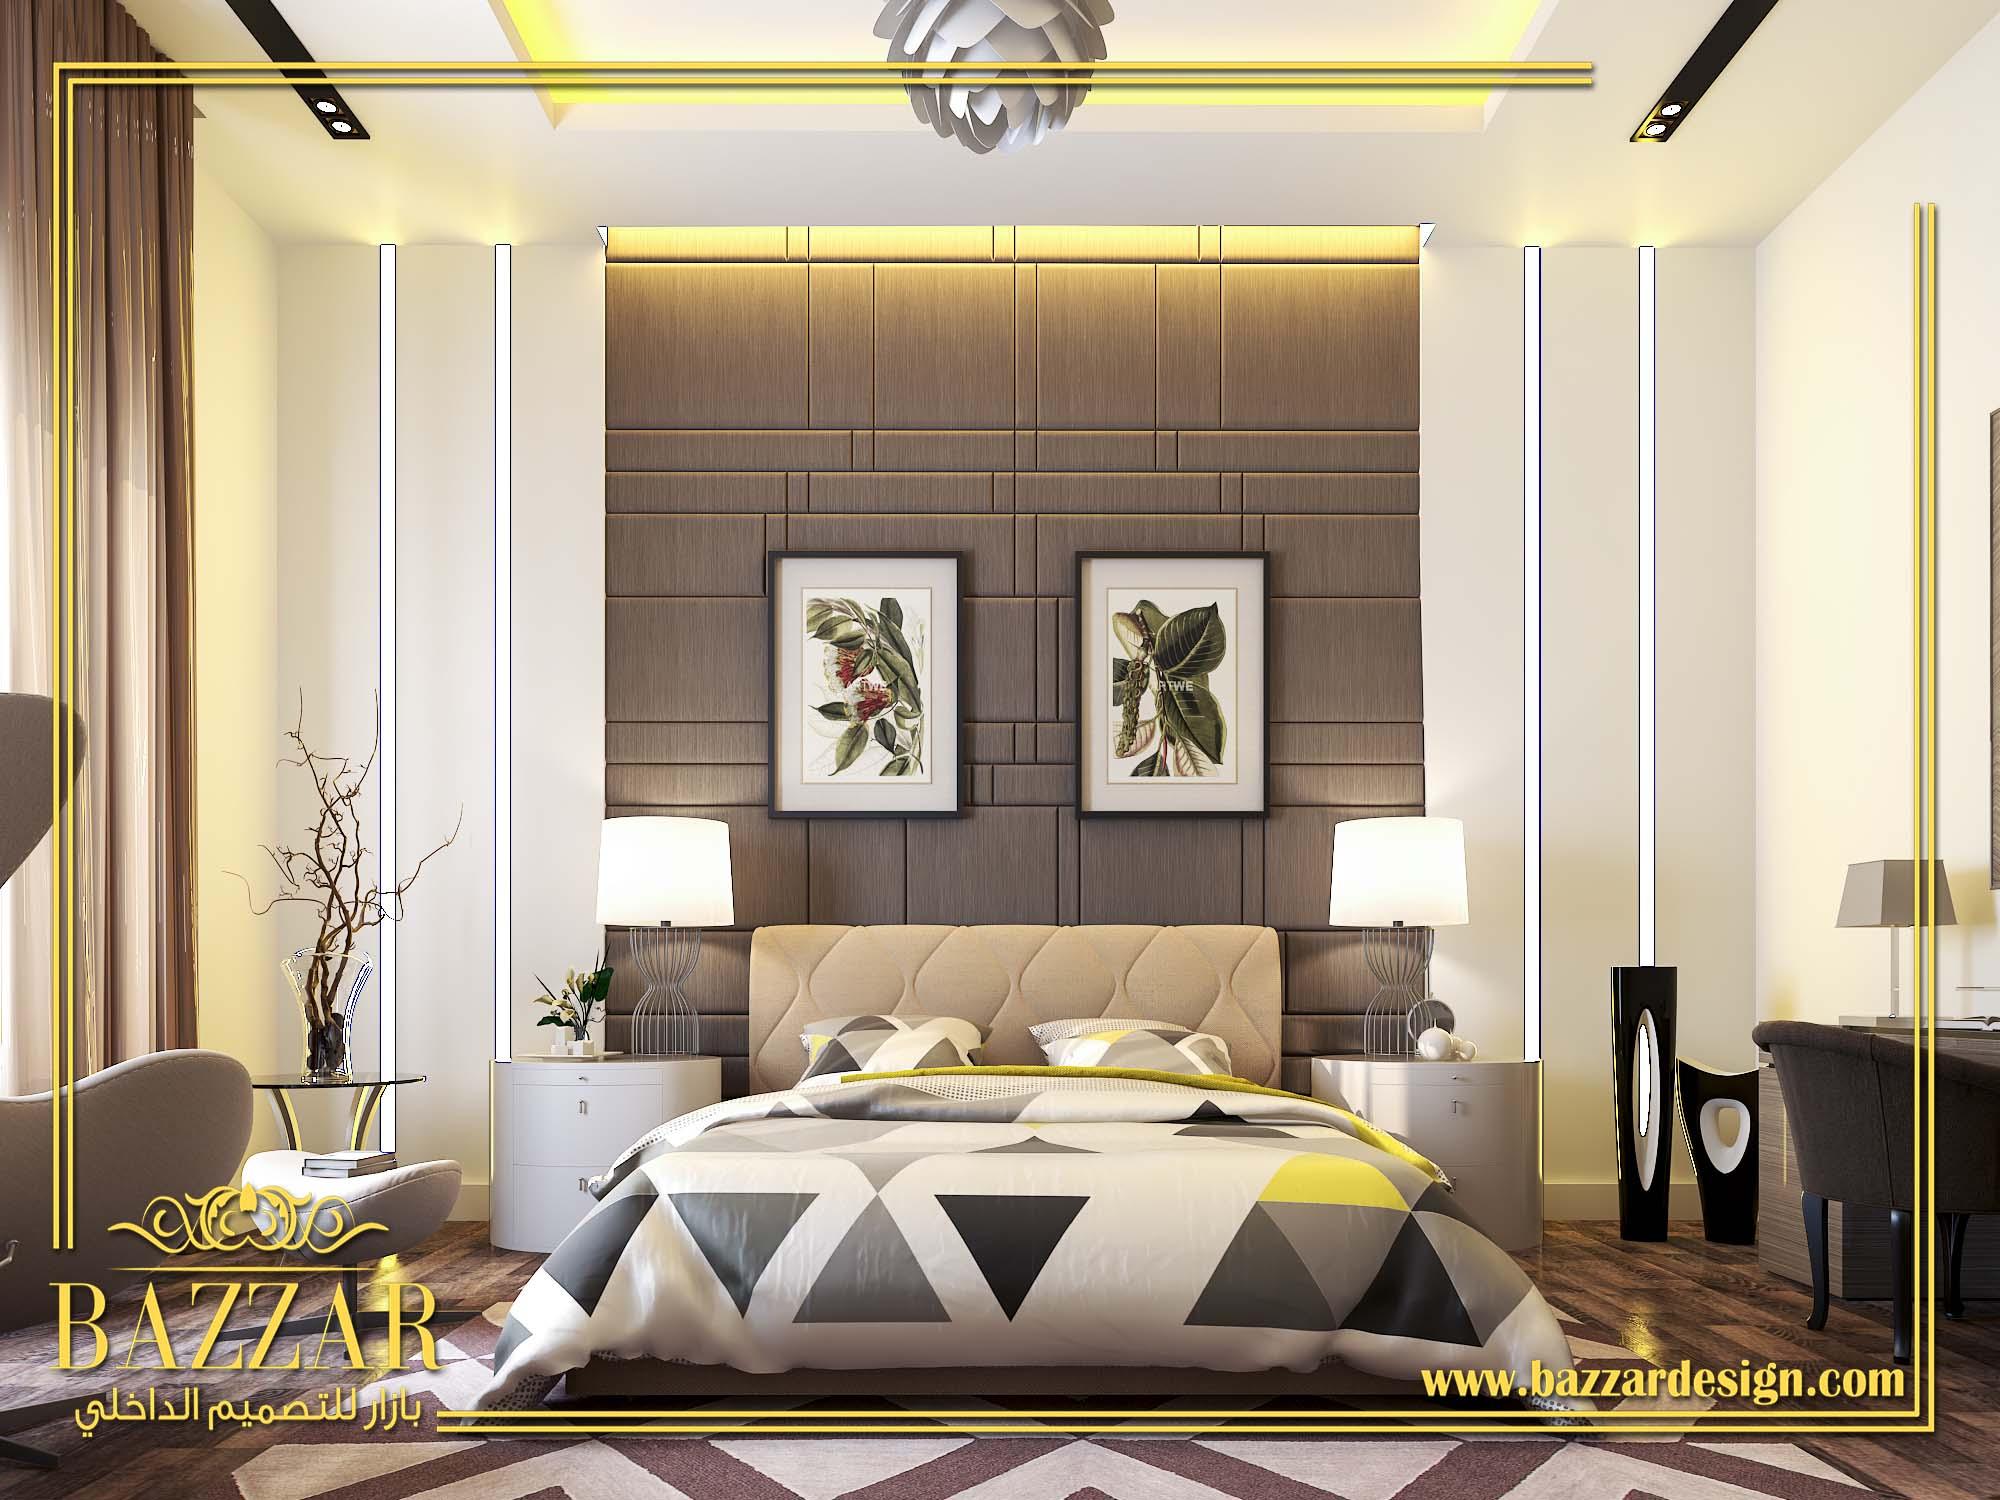 غرف نوم كلاسيك بازار للتصميم الداخلي و الديكور